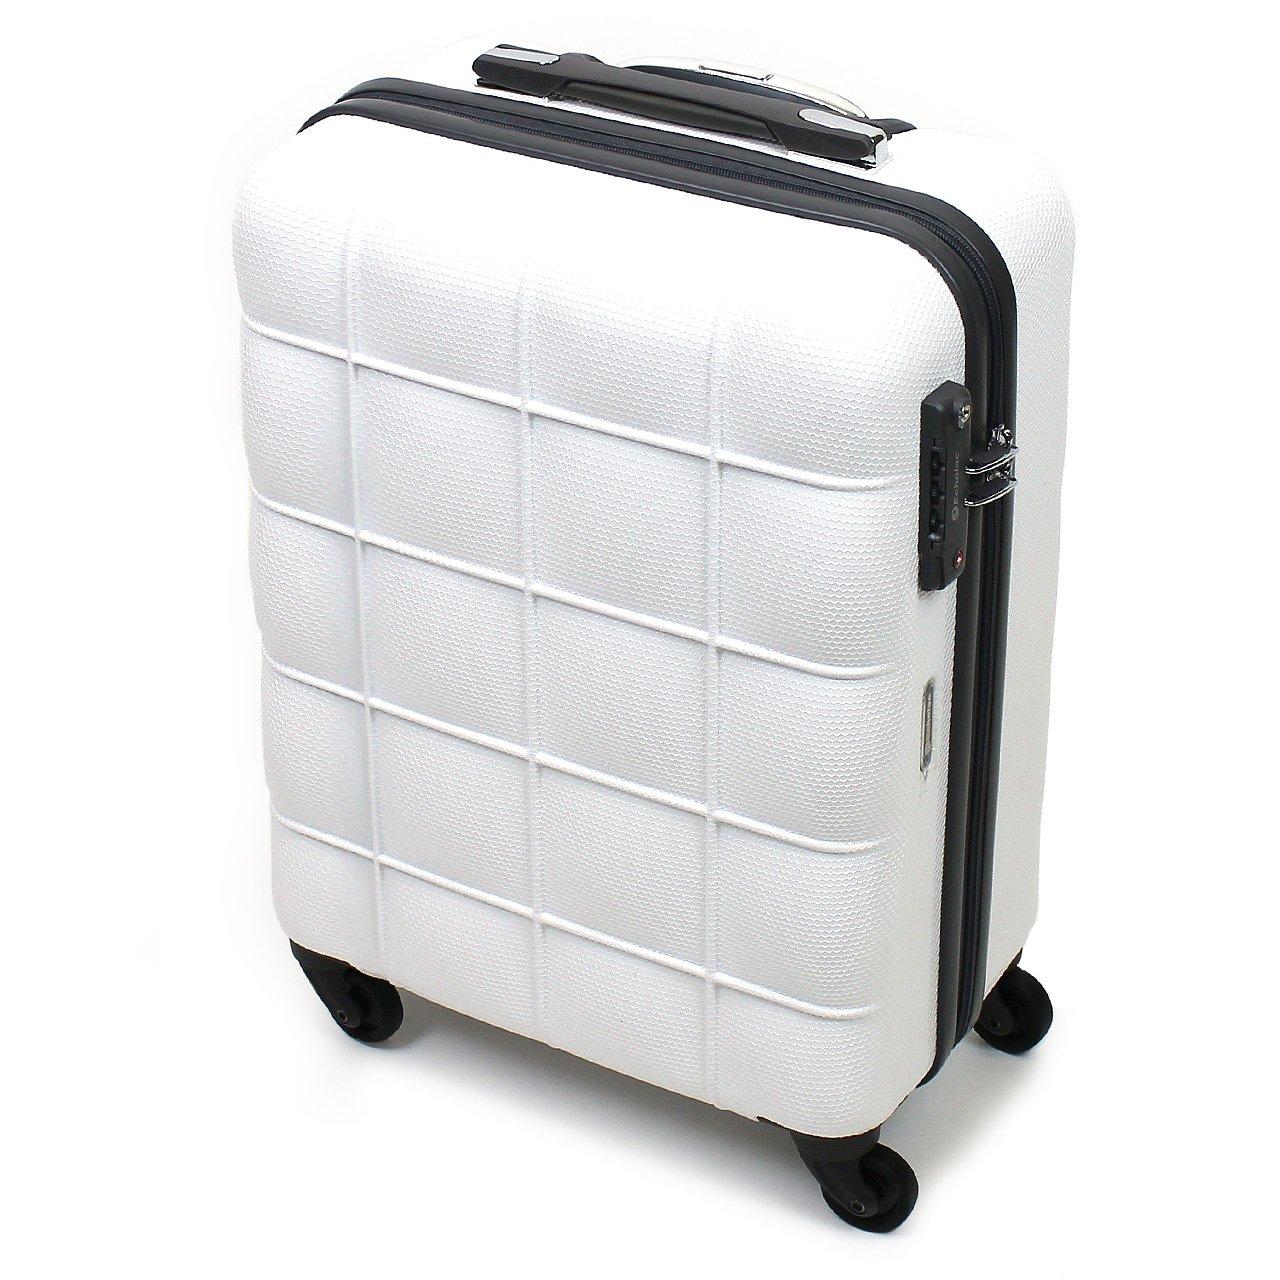 [Echolac(エコーラック)] スーツケース スクエア 38L 48.5cm 3kg PC005-20  ホワイト B07FH857F5